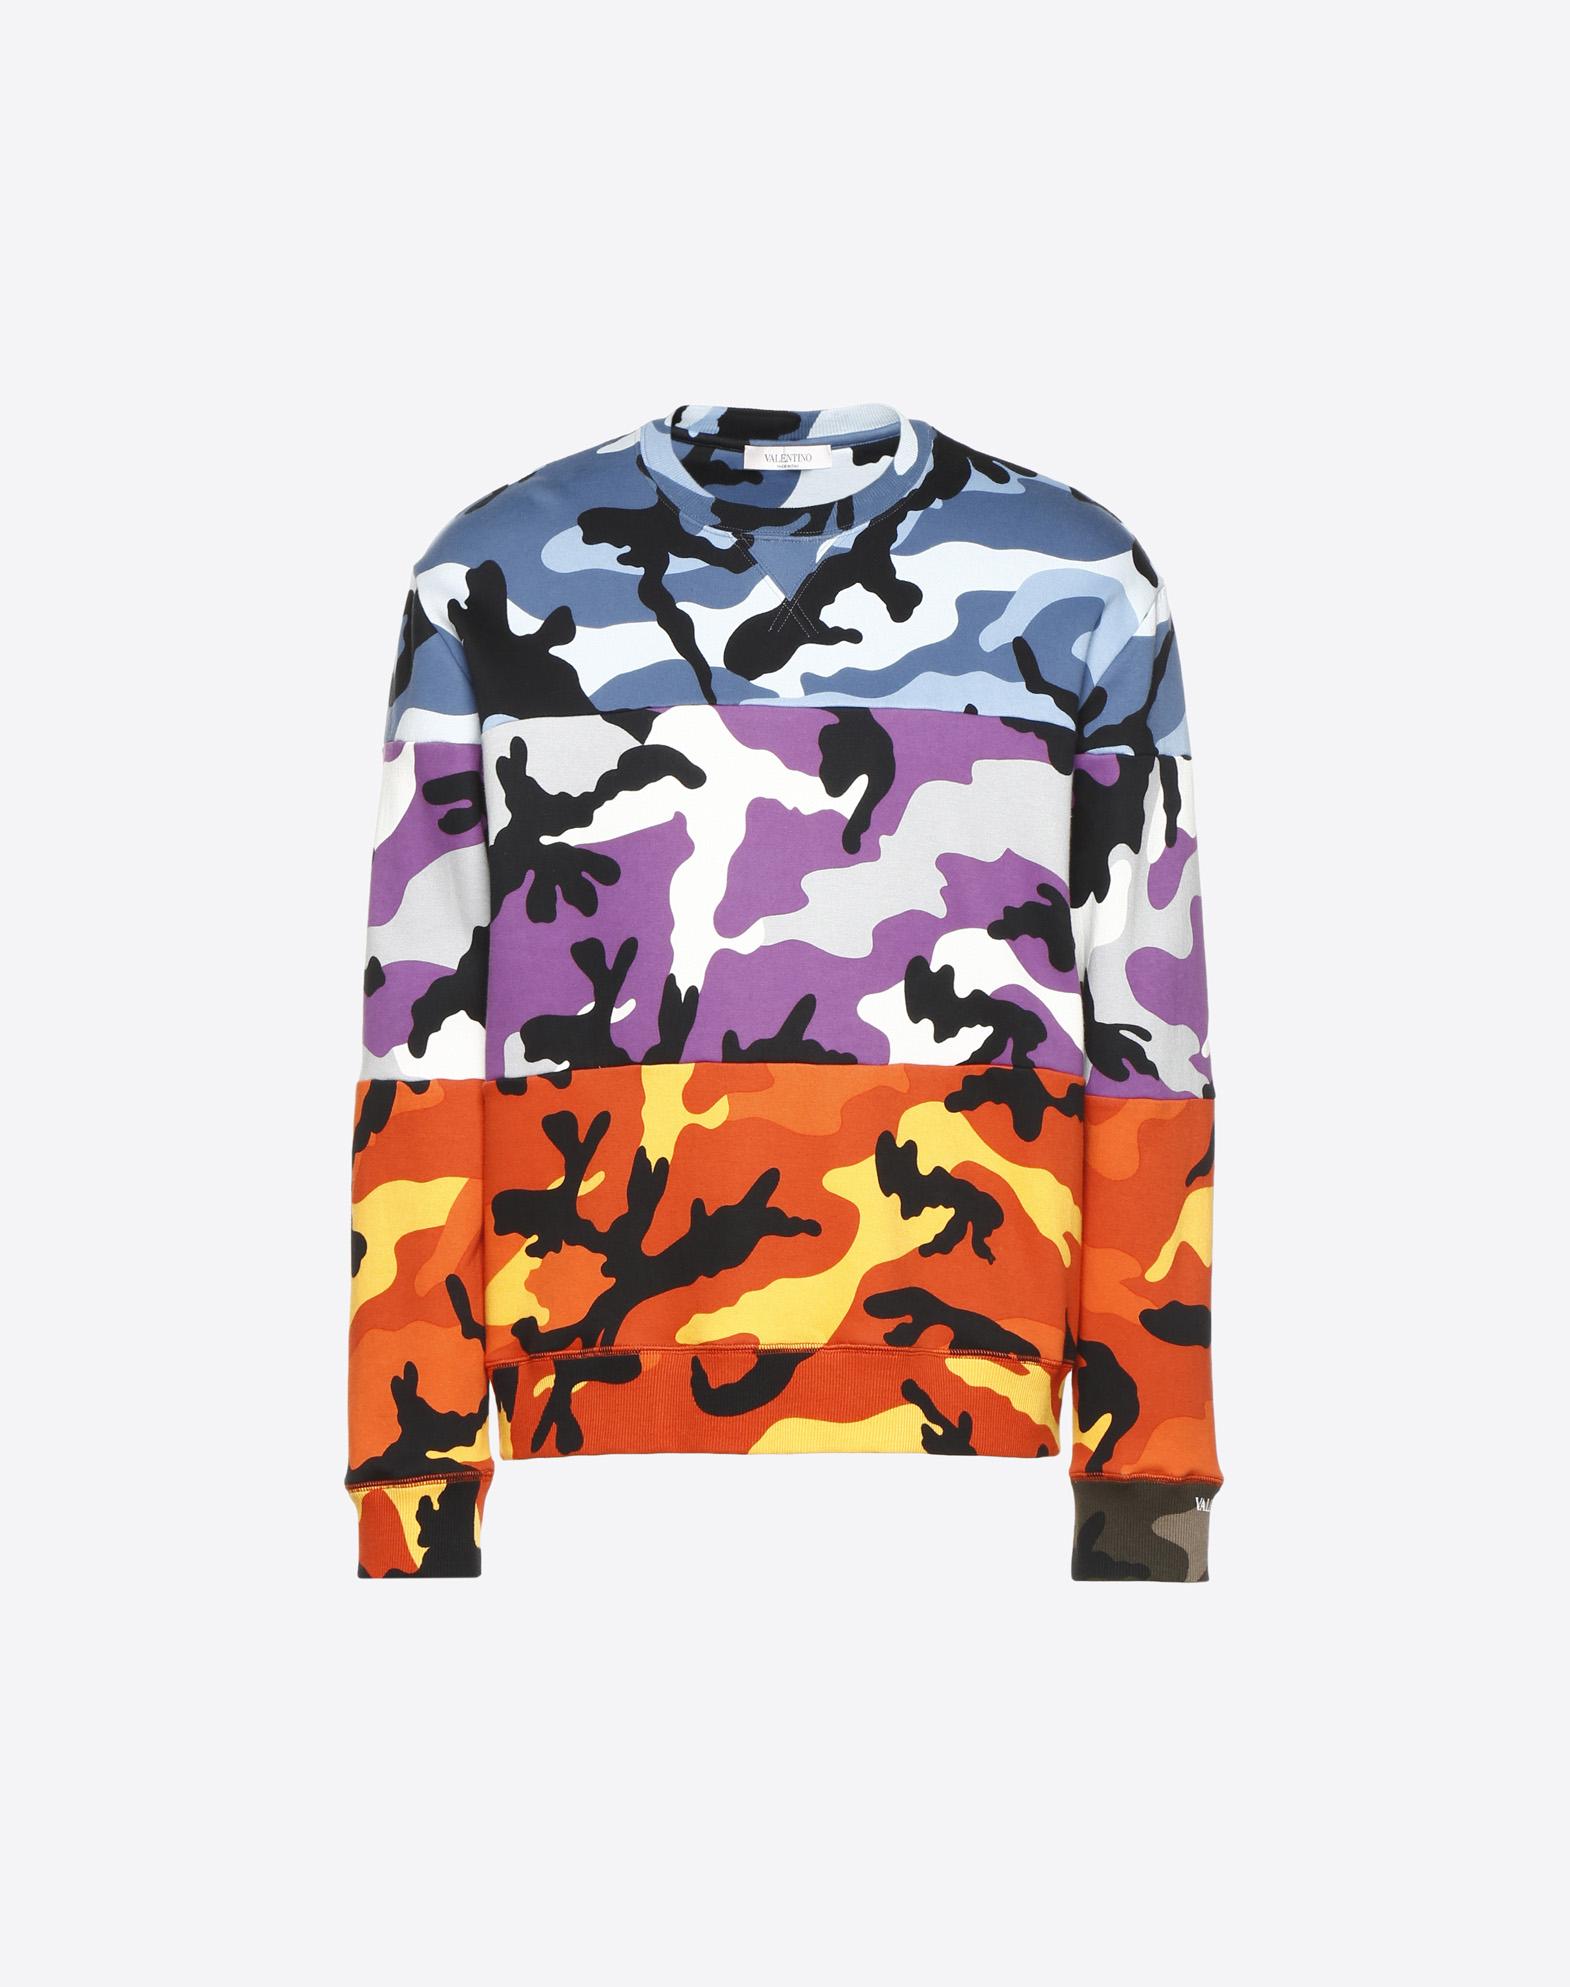 Camoushuffle crew-neck sweatshirt